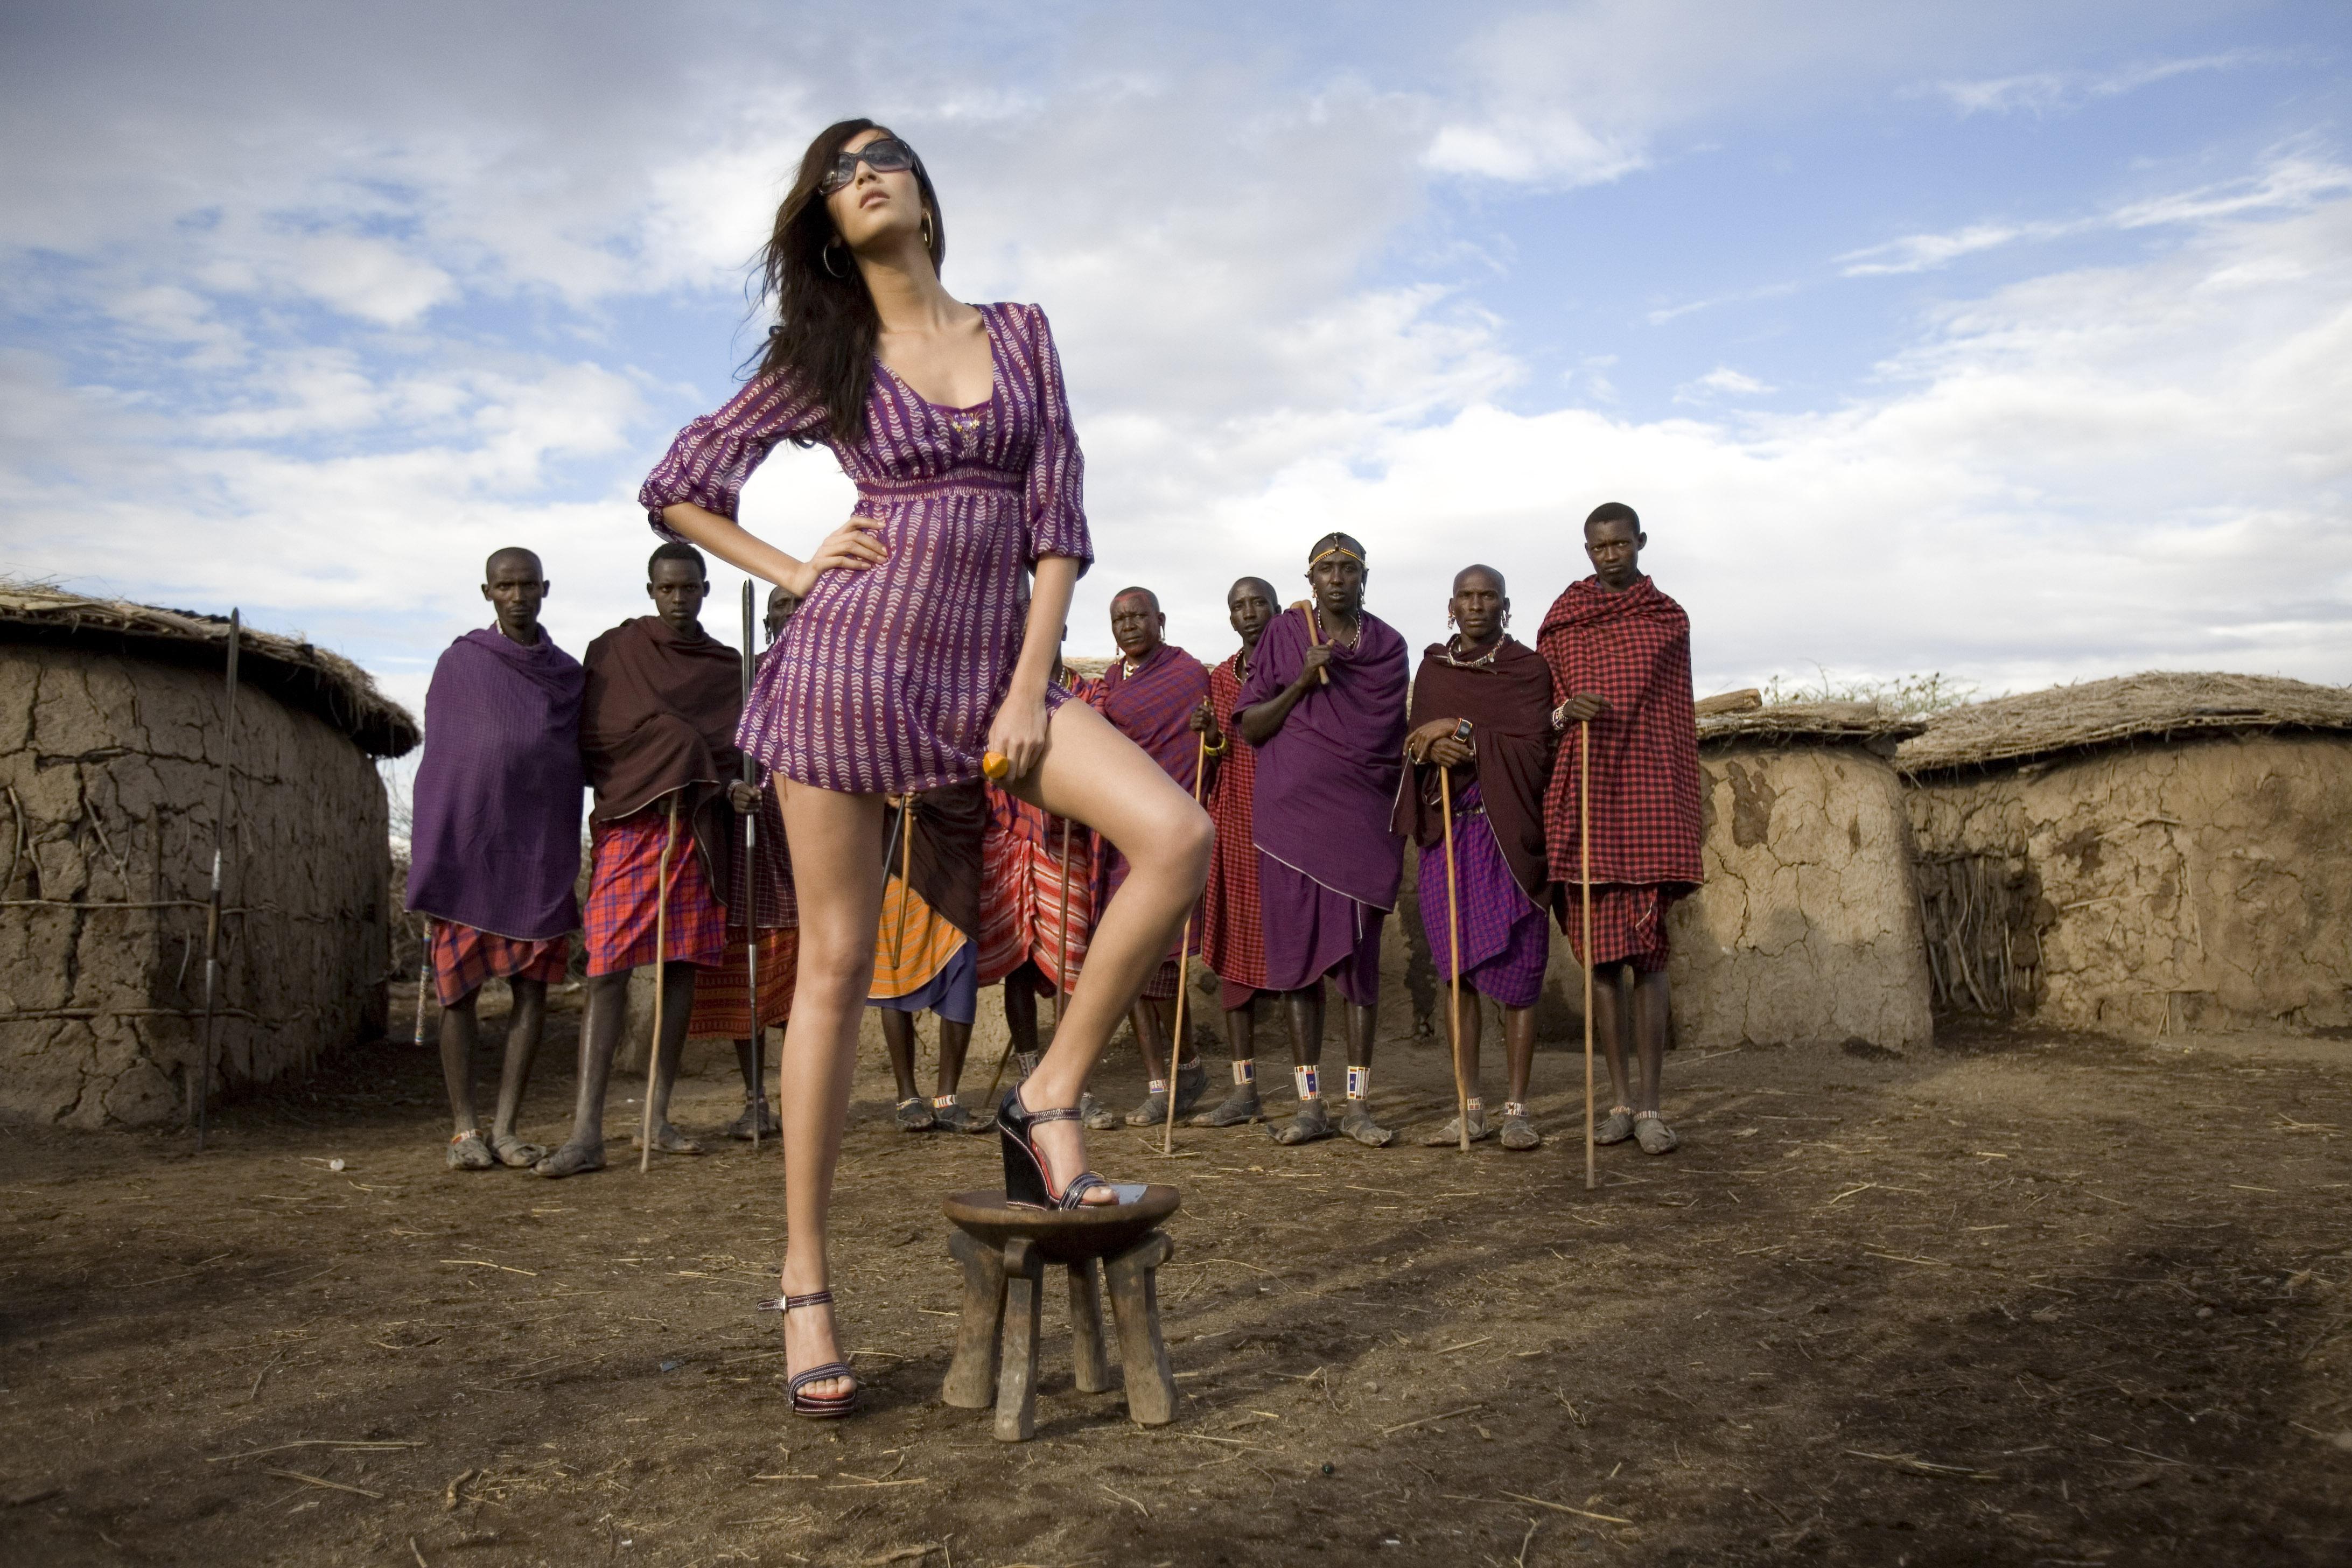 Смотреть бесплатно африканские девушки 3 фотография